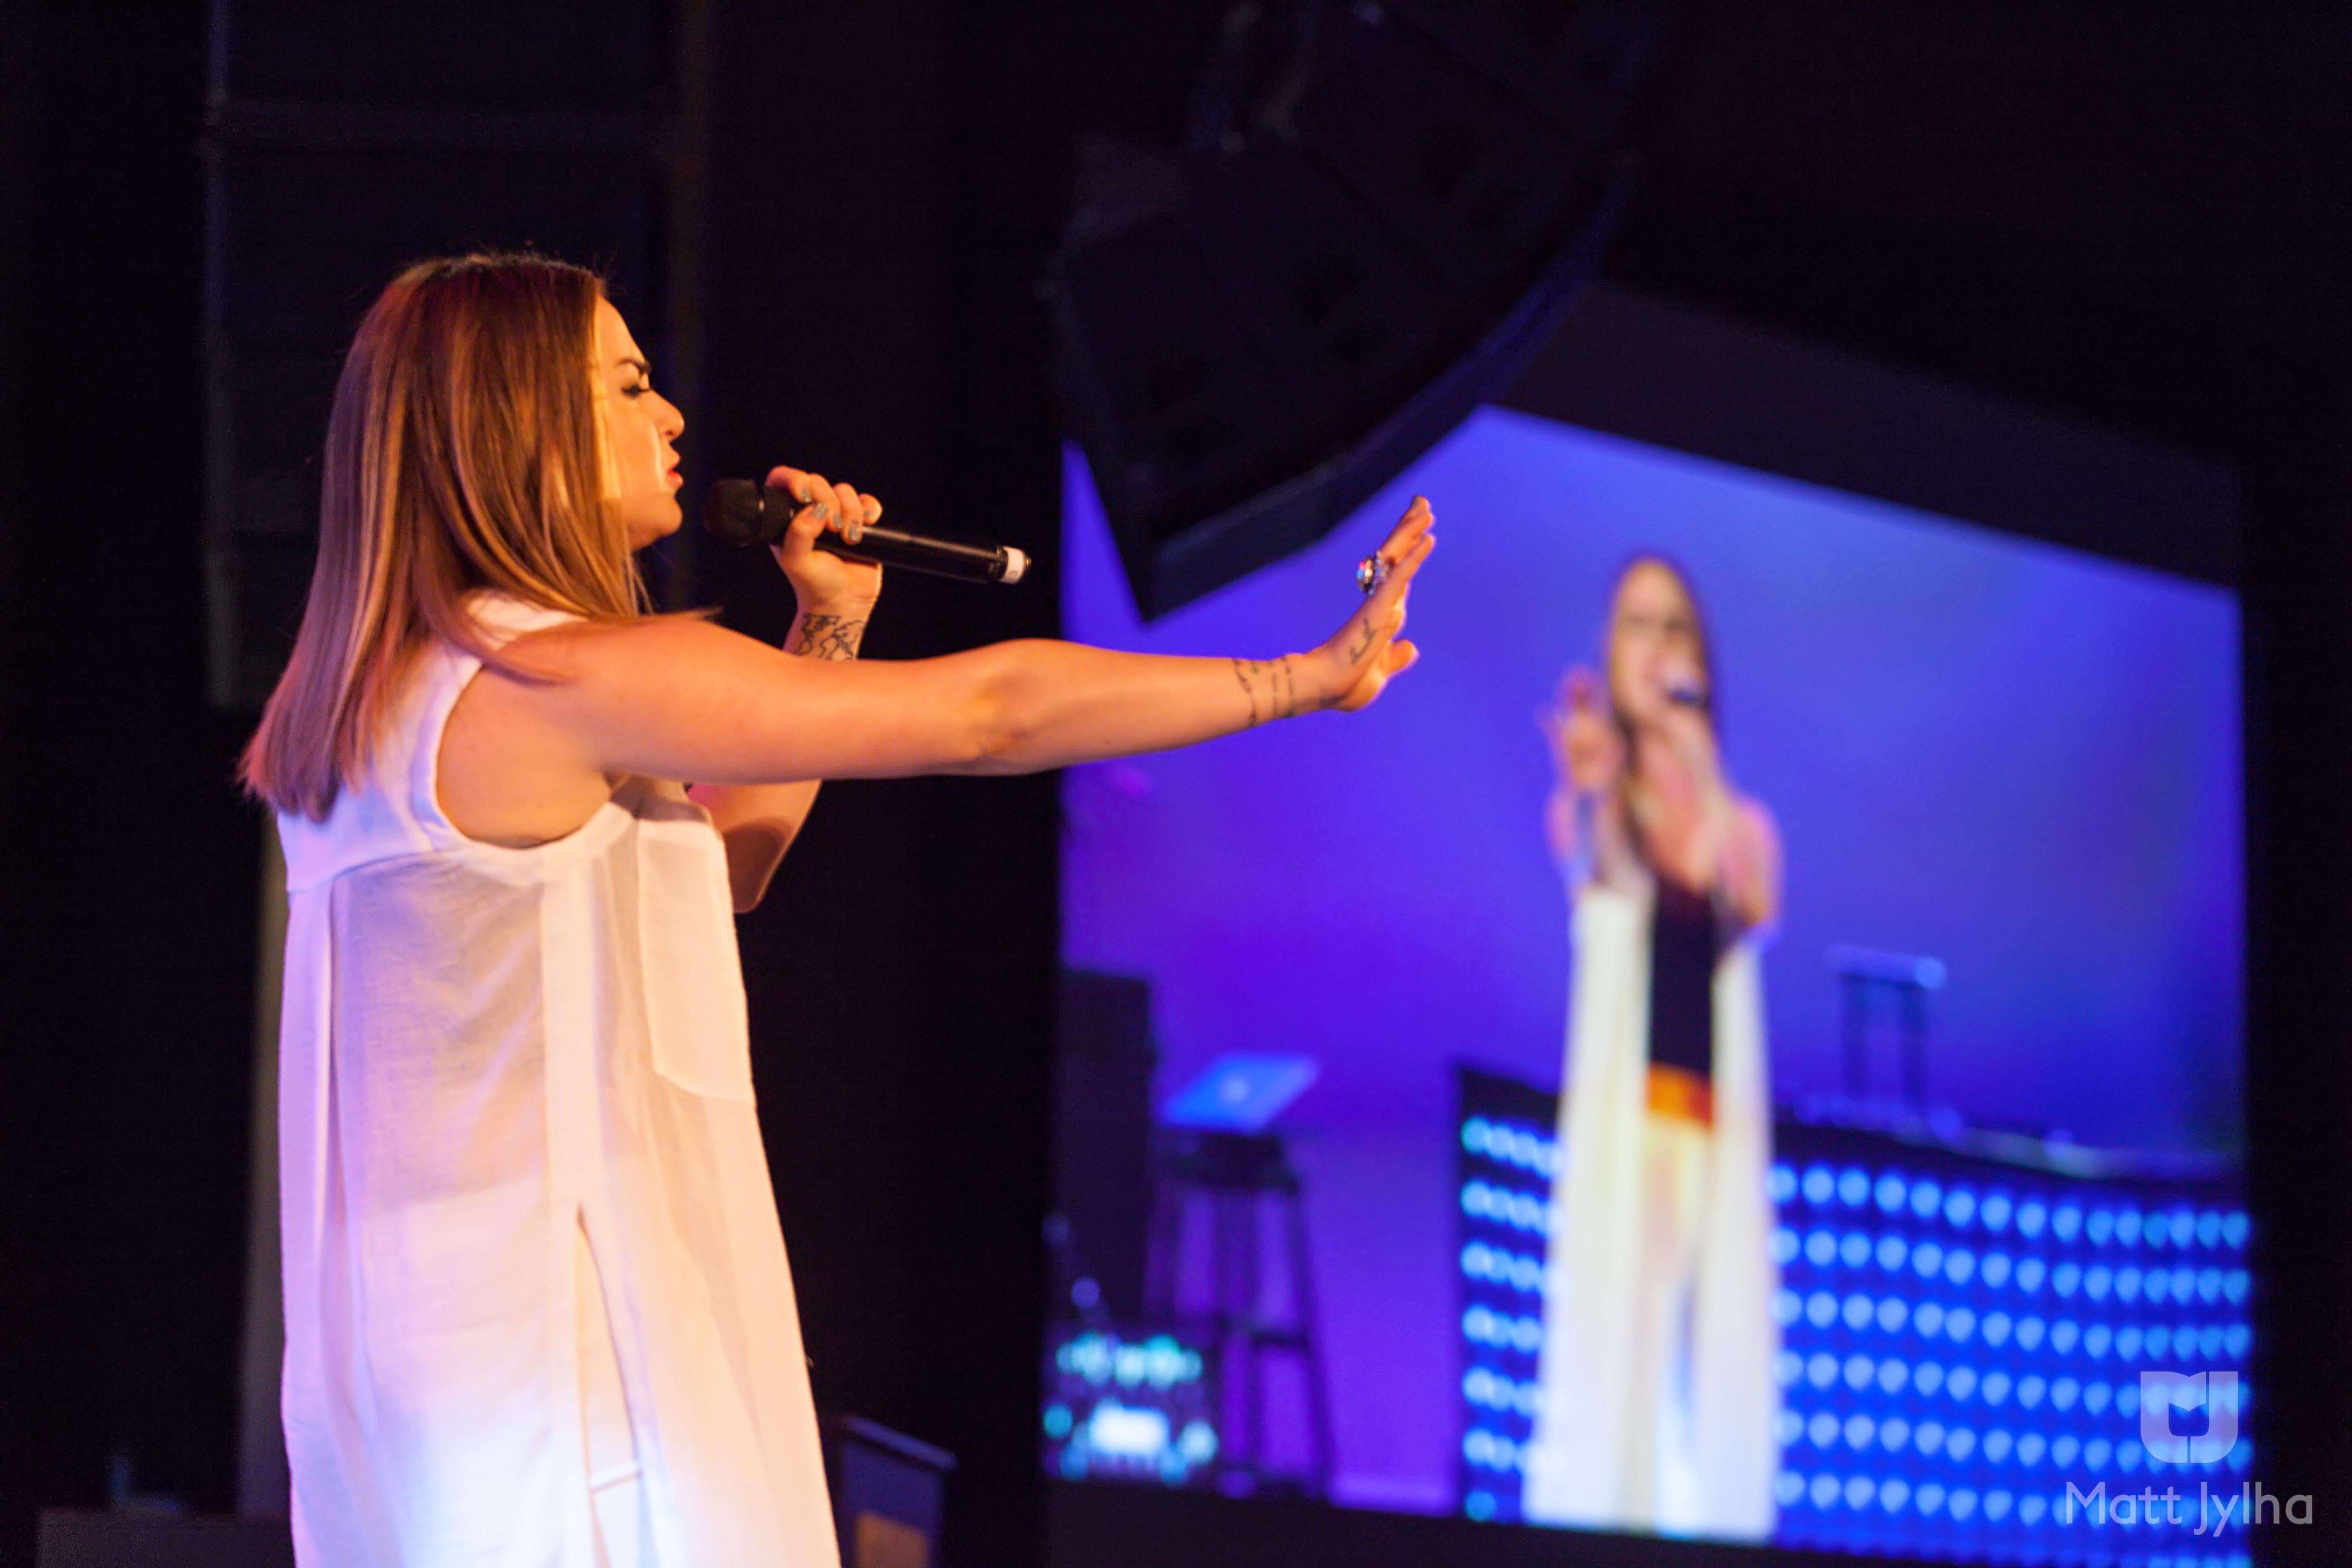 Orlando_Concert_Photographer_Matt_Jylha_223